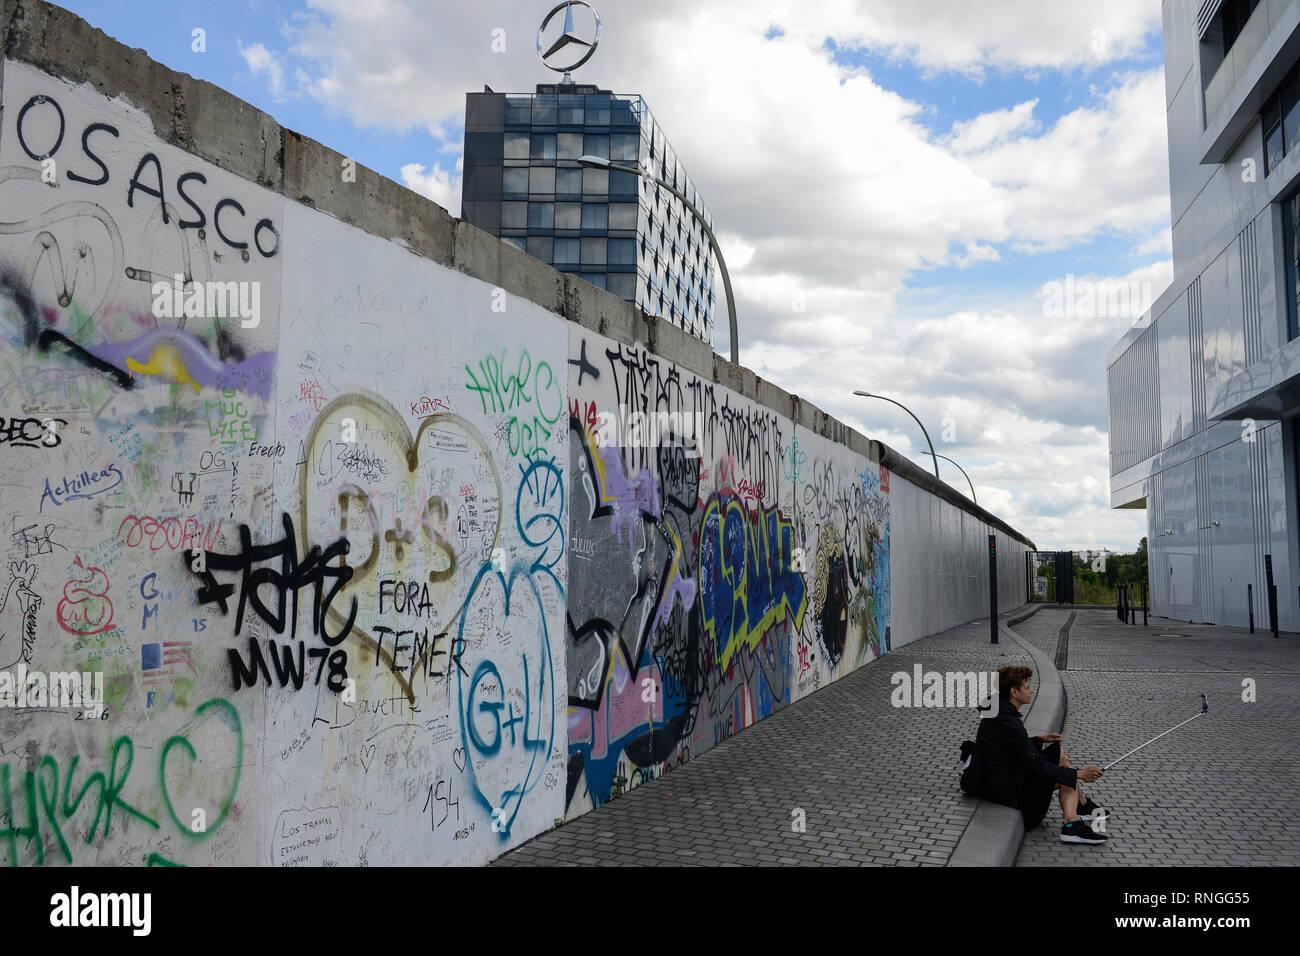 Alemania, Berlín, el muro, East Side Gallery, pared paintíngs y murales sobre la guerra fría y las paredes, graffitis en la parte trasera, detrás de la construcción con la estrella de Mercedes Benz, el símbolo del fabricante de automóviles alemán occidental Imagen De Stock